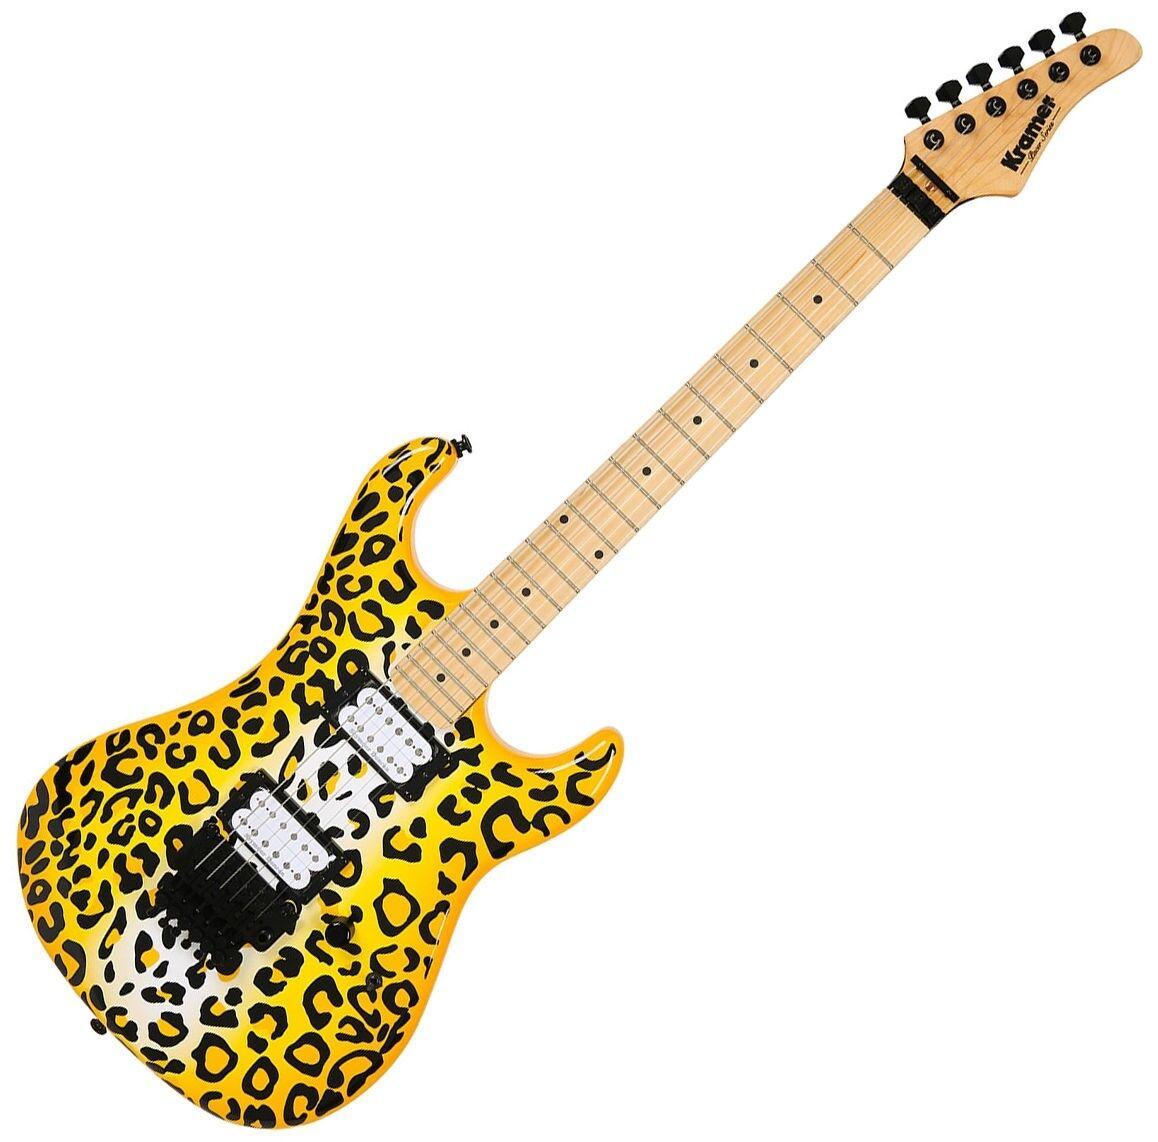 Kramer Pacer Vintage Steel Panther Satchel Signature Guitar Gelb Leopard